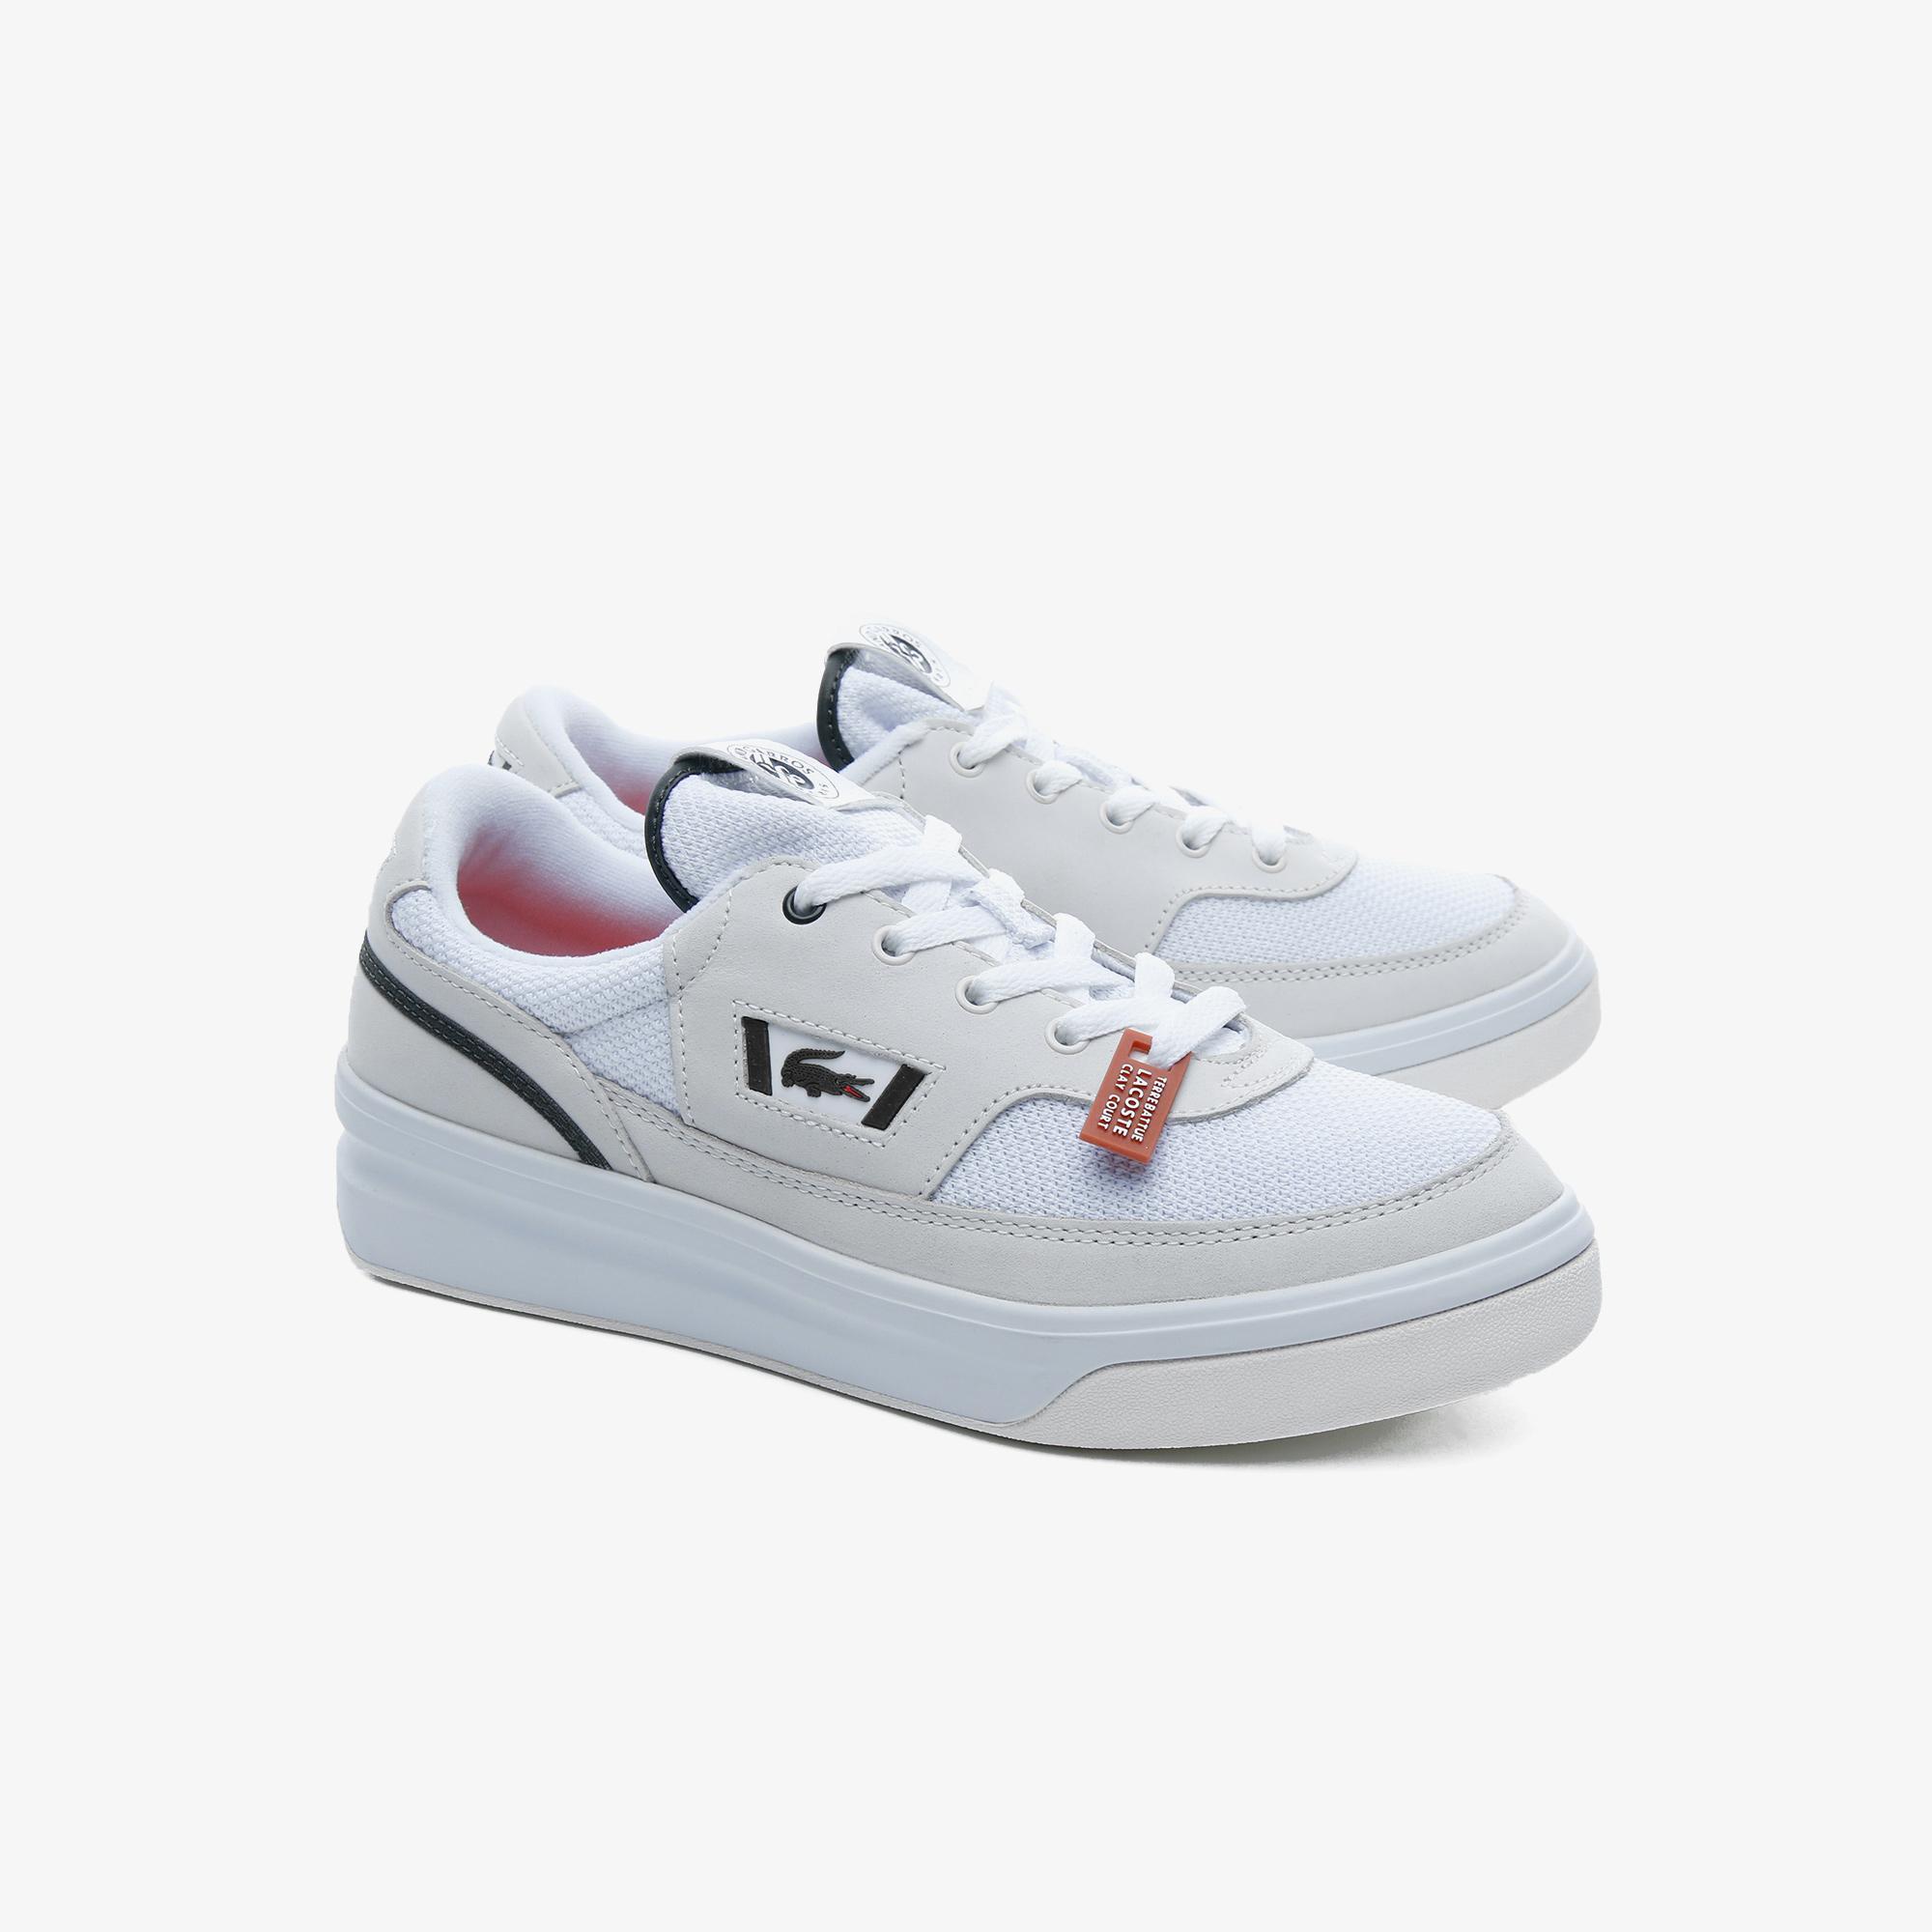 Lacoste G80 Rg 120 1 Sfa Wht/Dk Grn Kadın Beyaz - Koyu Yeşil Deri Sneaker